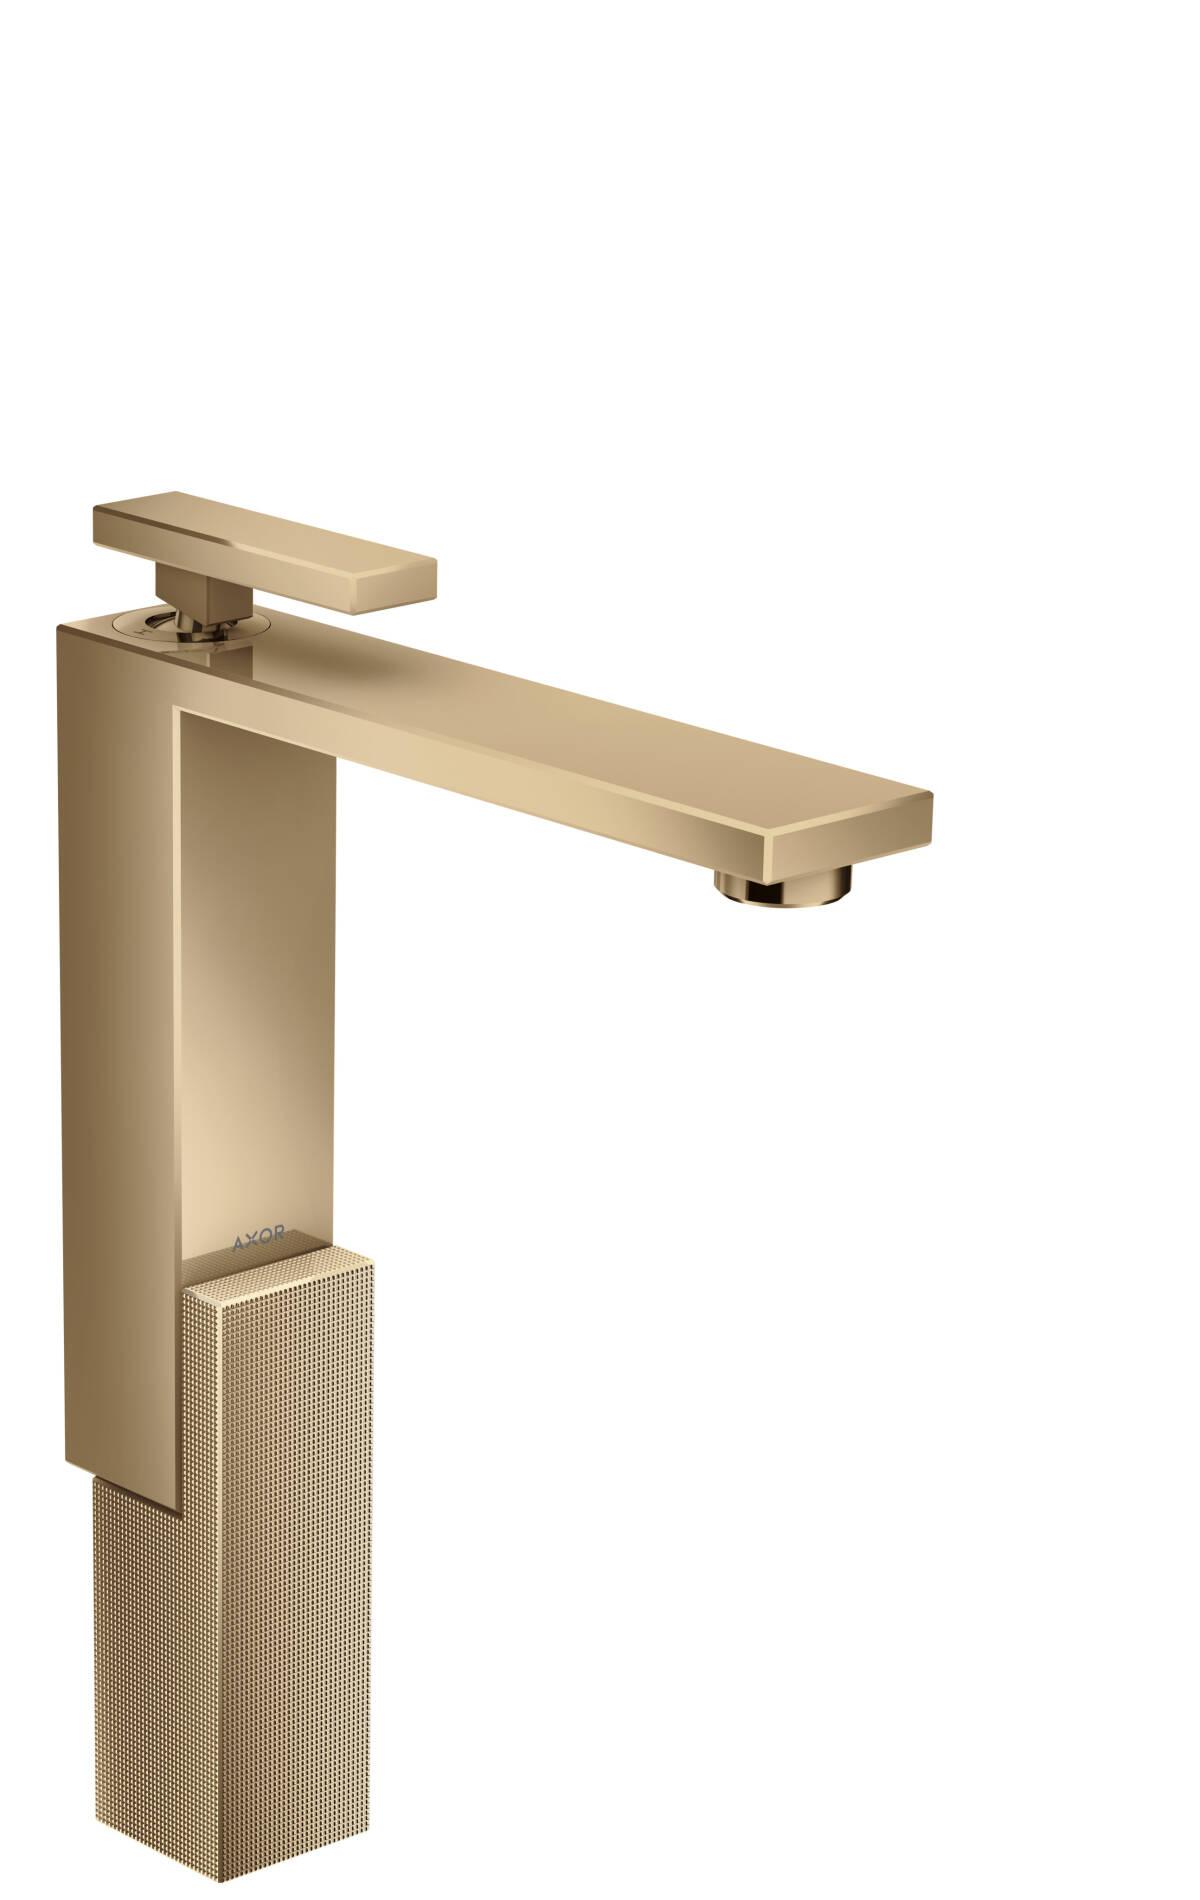 Mezclador monomando de lavabo 280 con vaciador push-open - corte de diamante, bronce pulido, 46031130